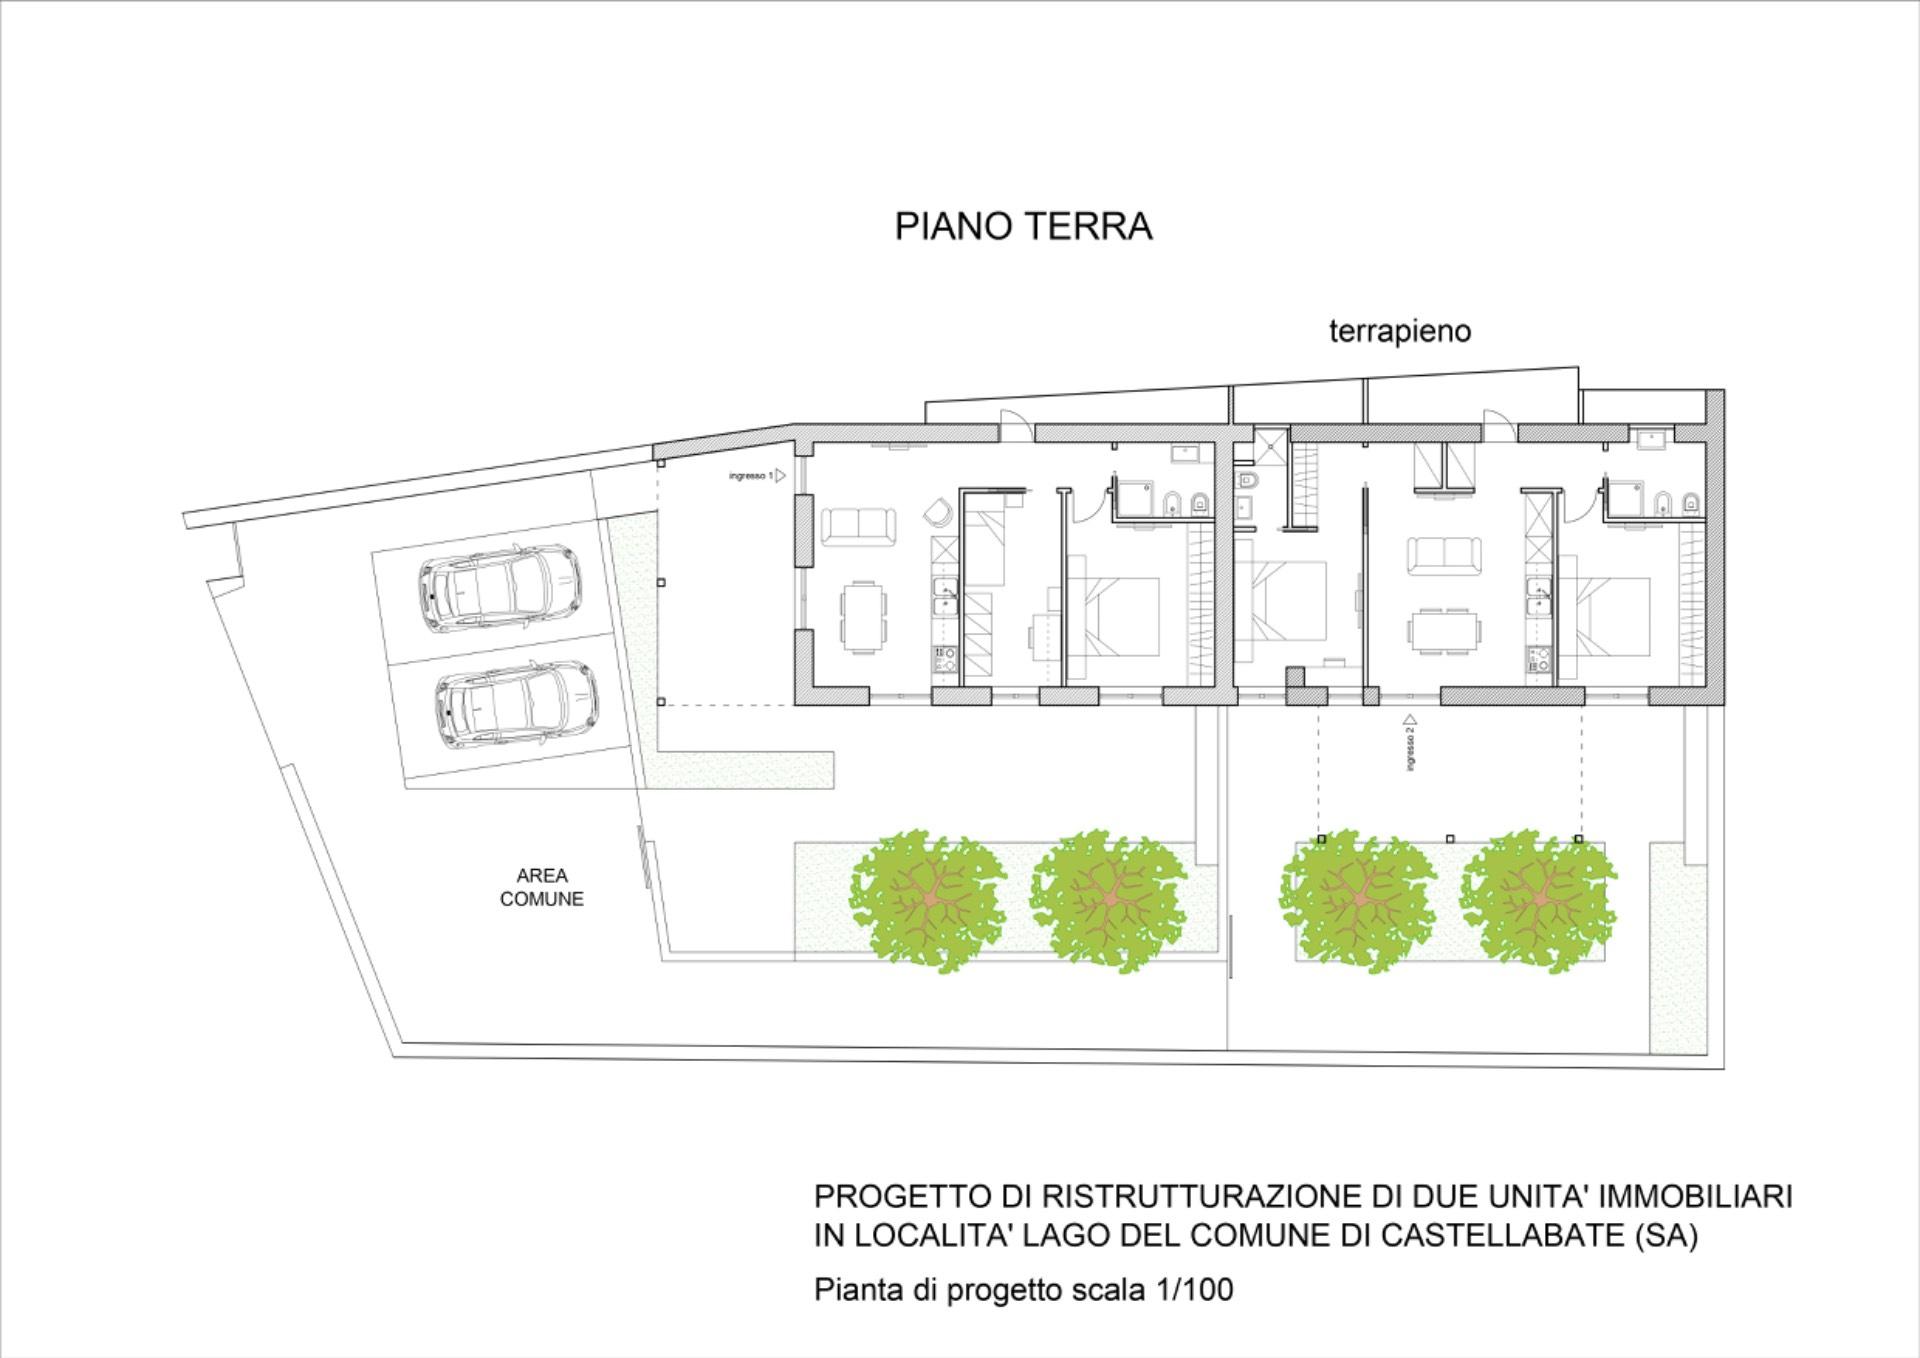 Appartamento in vendita a Castellabate, 3 locali, zona Zona: Lago, prezzo € 225.000 | CambioCasa.it